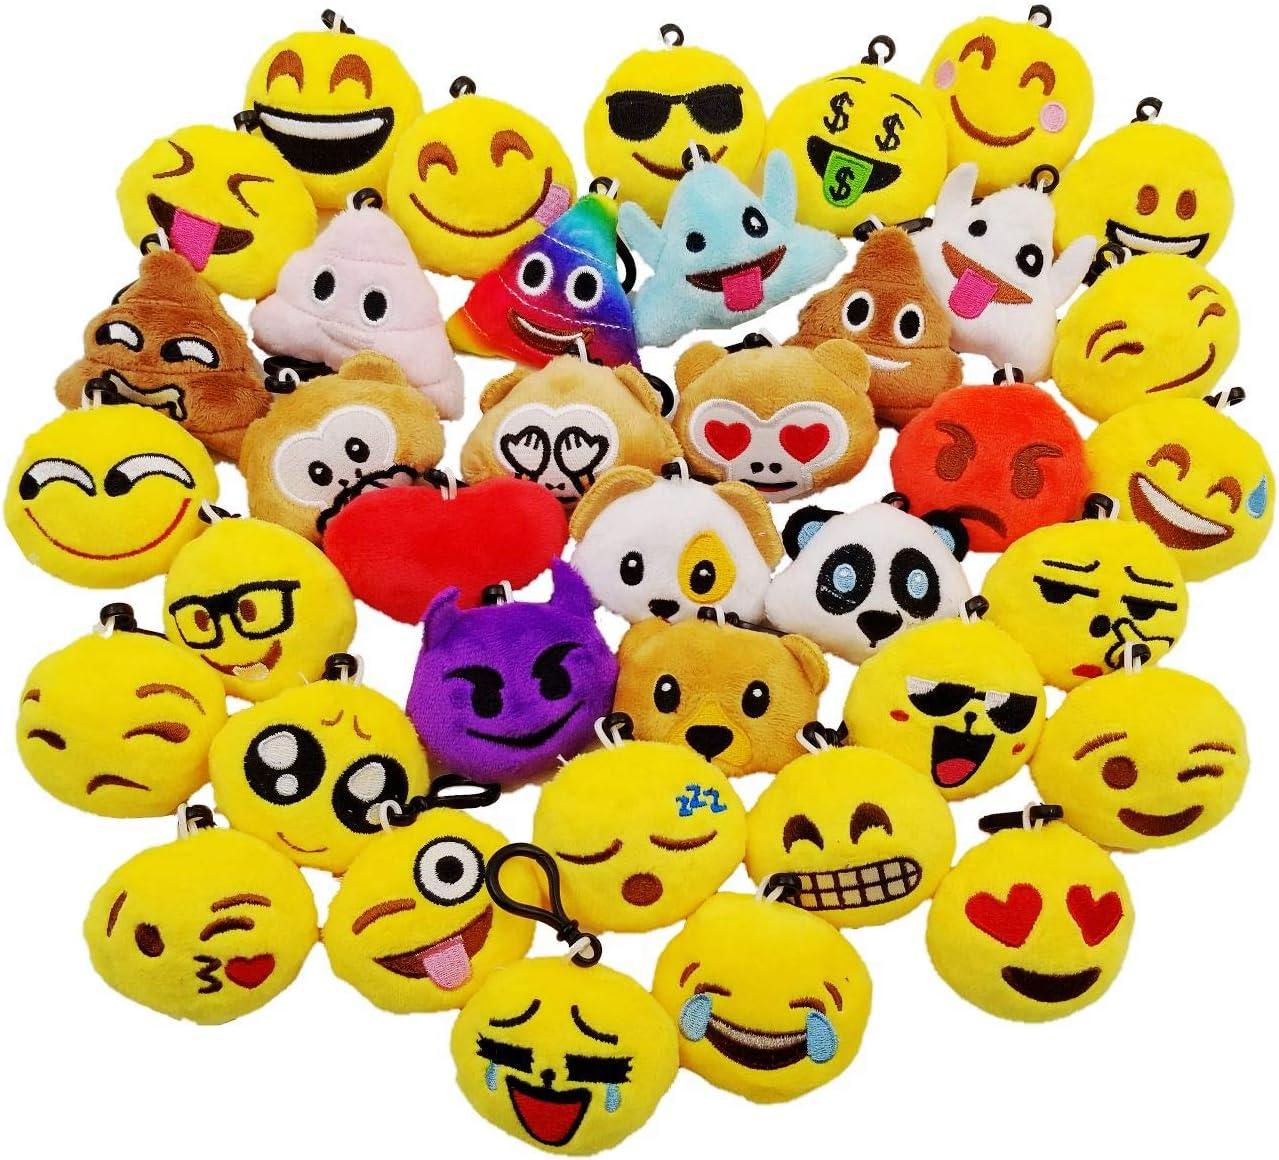 JZK 38pcs Mini Juguete de Peluche, Emoji Llavero emoticonos llaveros emoción para niños y Adulto Regalo Fiesta de cumpleaños Navidad favores Rellenos Bolso Partido Decoraciones